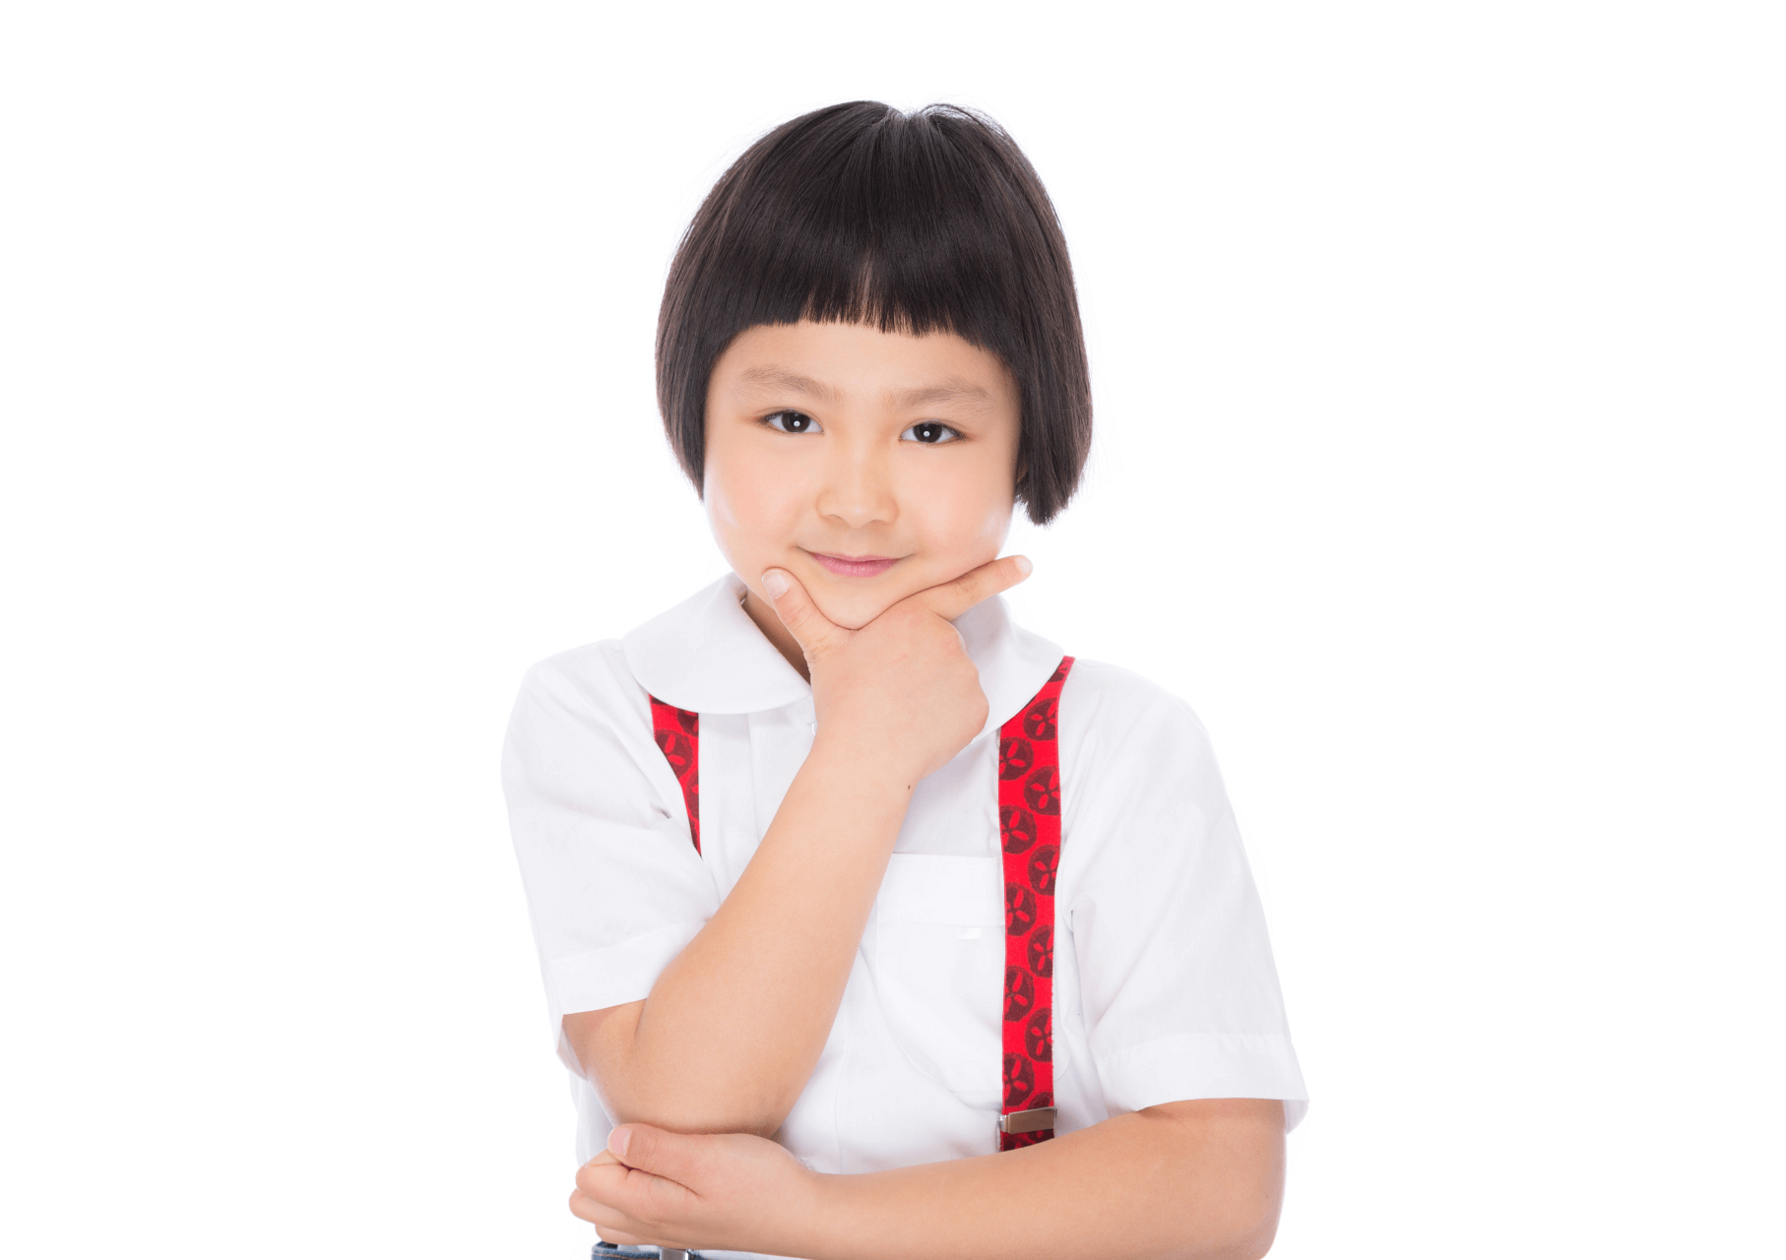 親子で一緒にプログラミング体験ができるサイト&教室11選